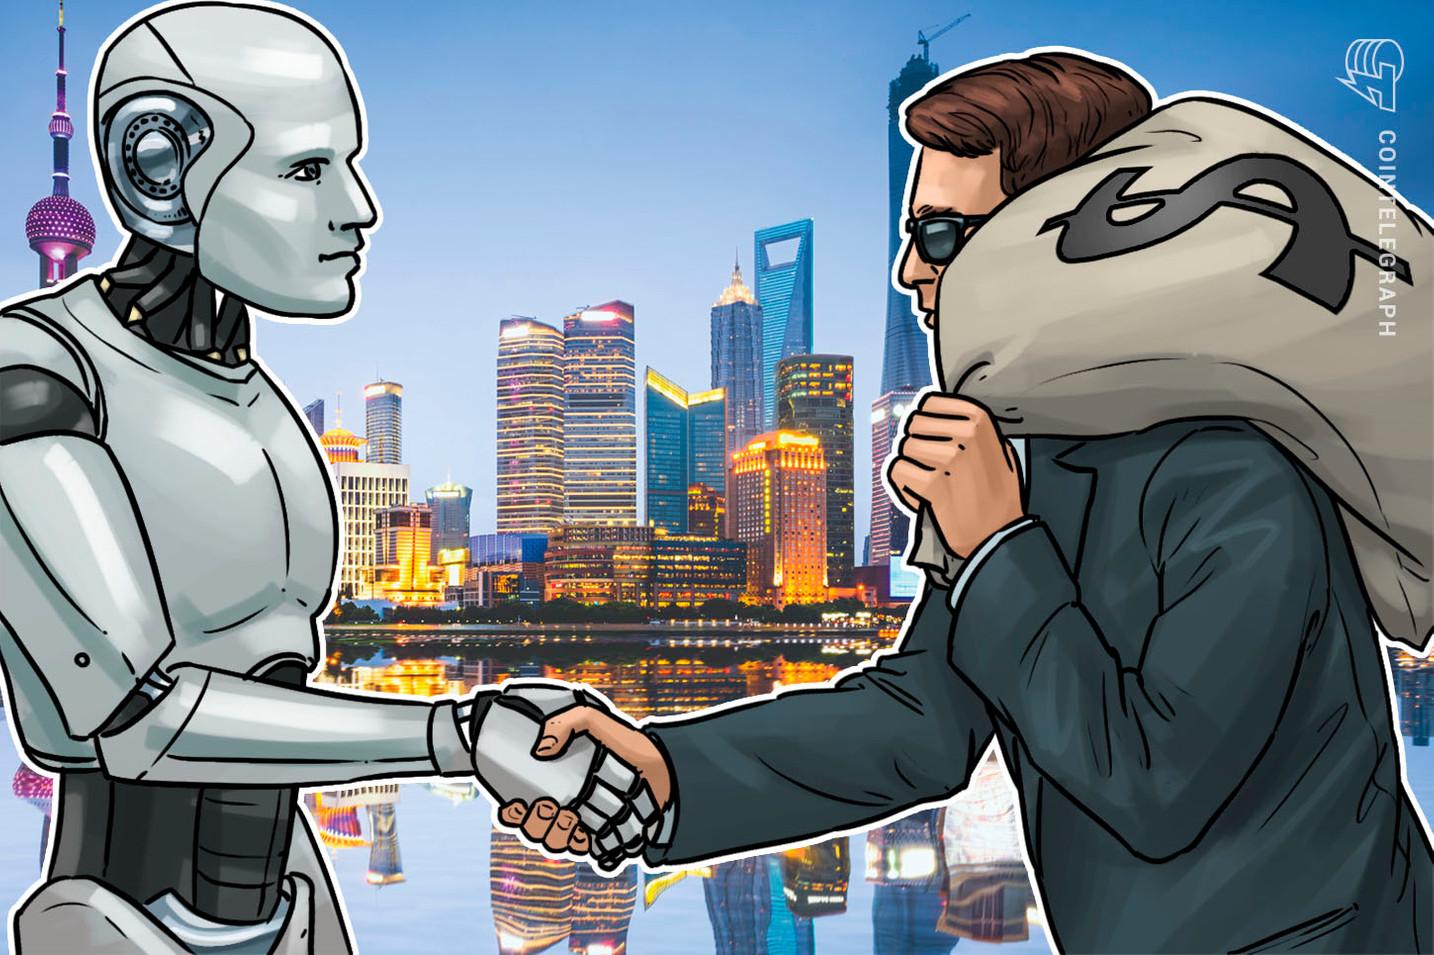 Criptobolsa Huobi, lanza conjuntamente entre China y Corea del Sur, Fondo Blockchain de $93 millones